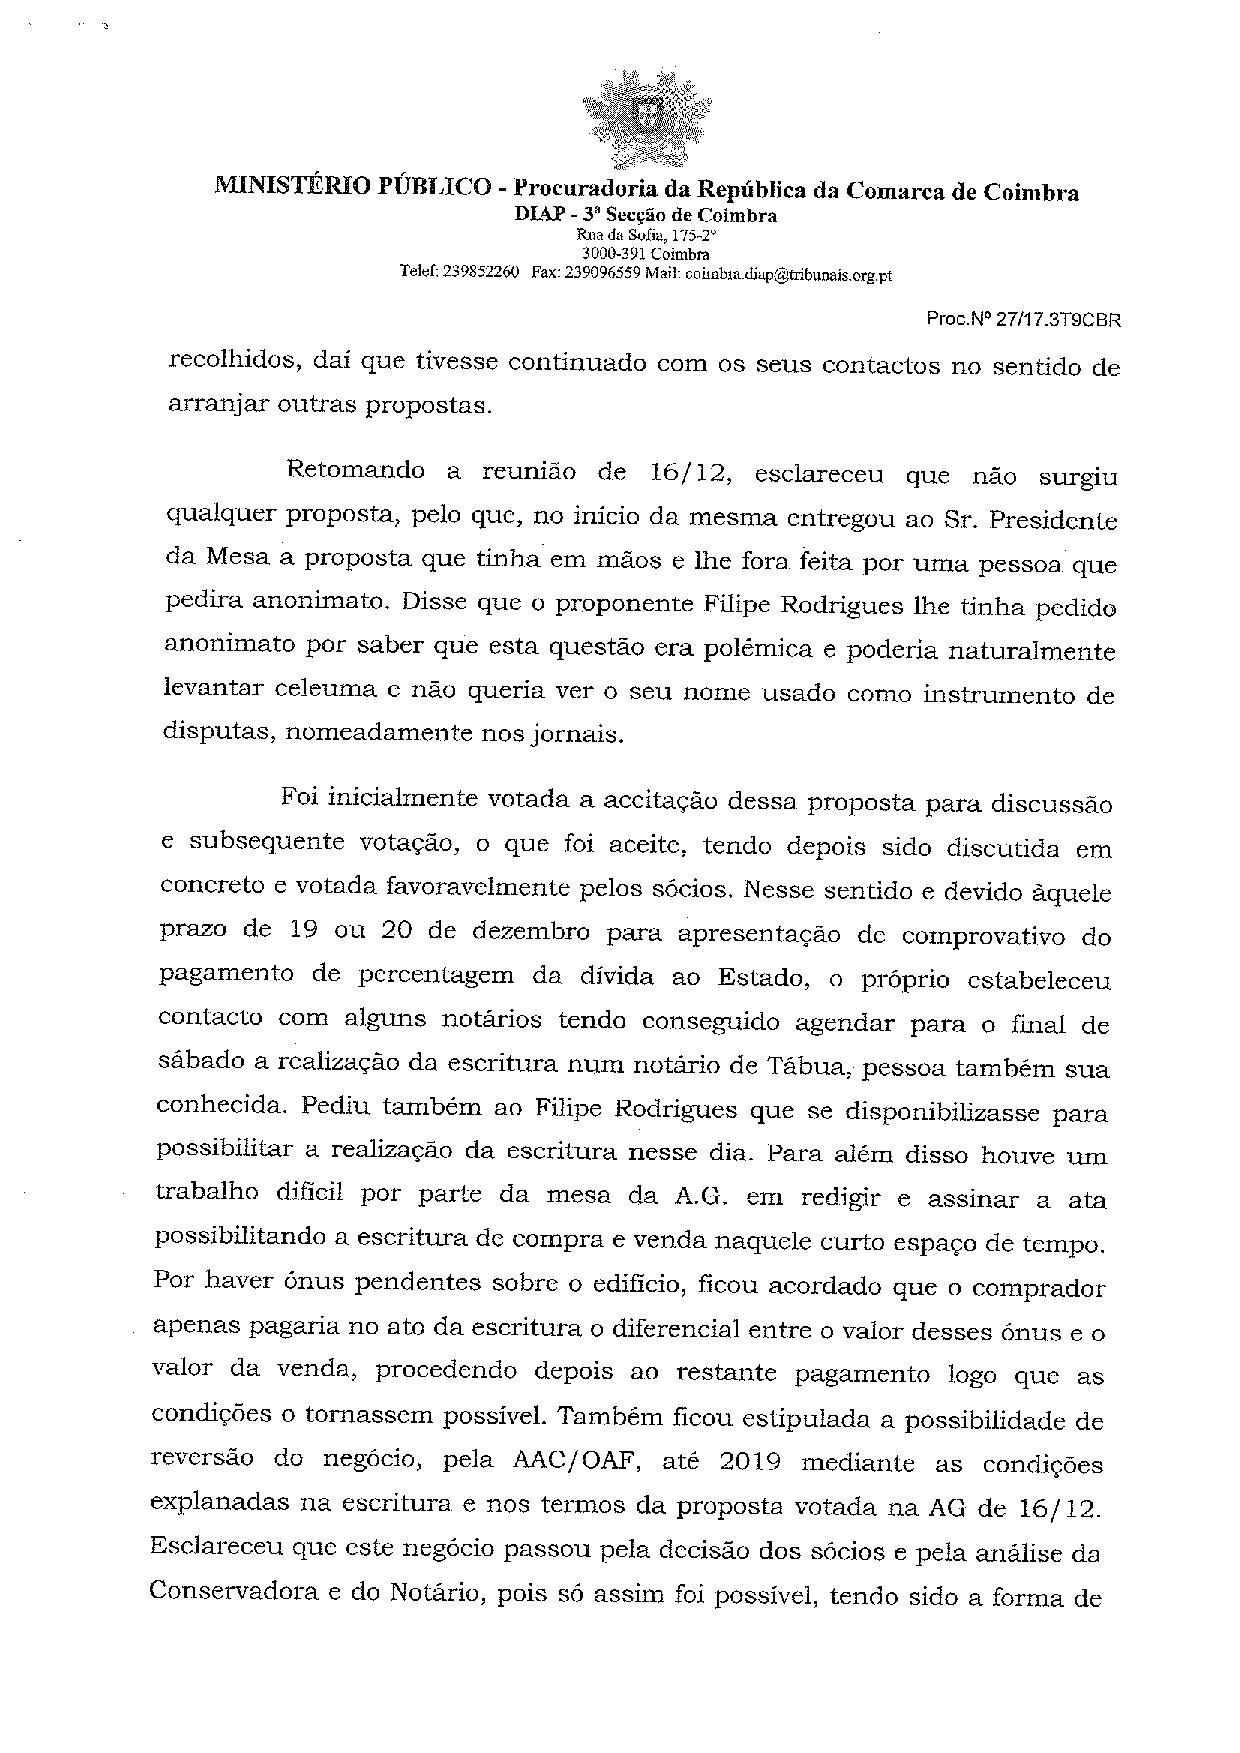 ACA-page-022